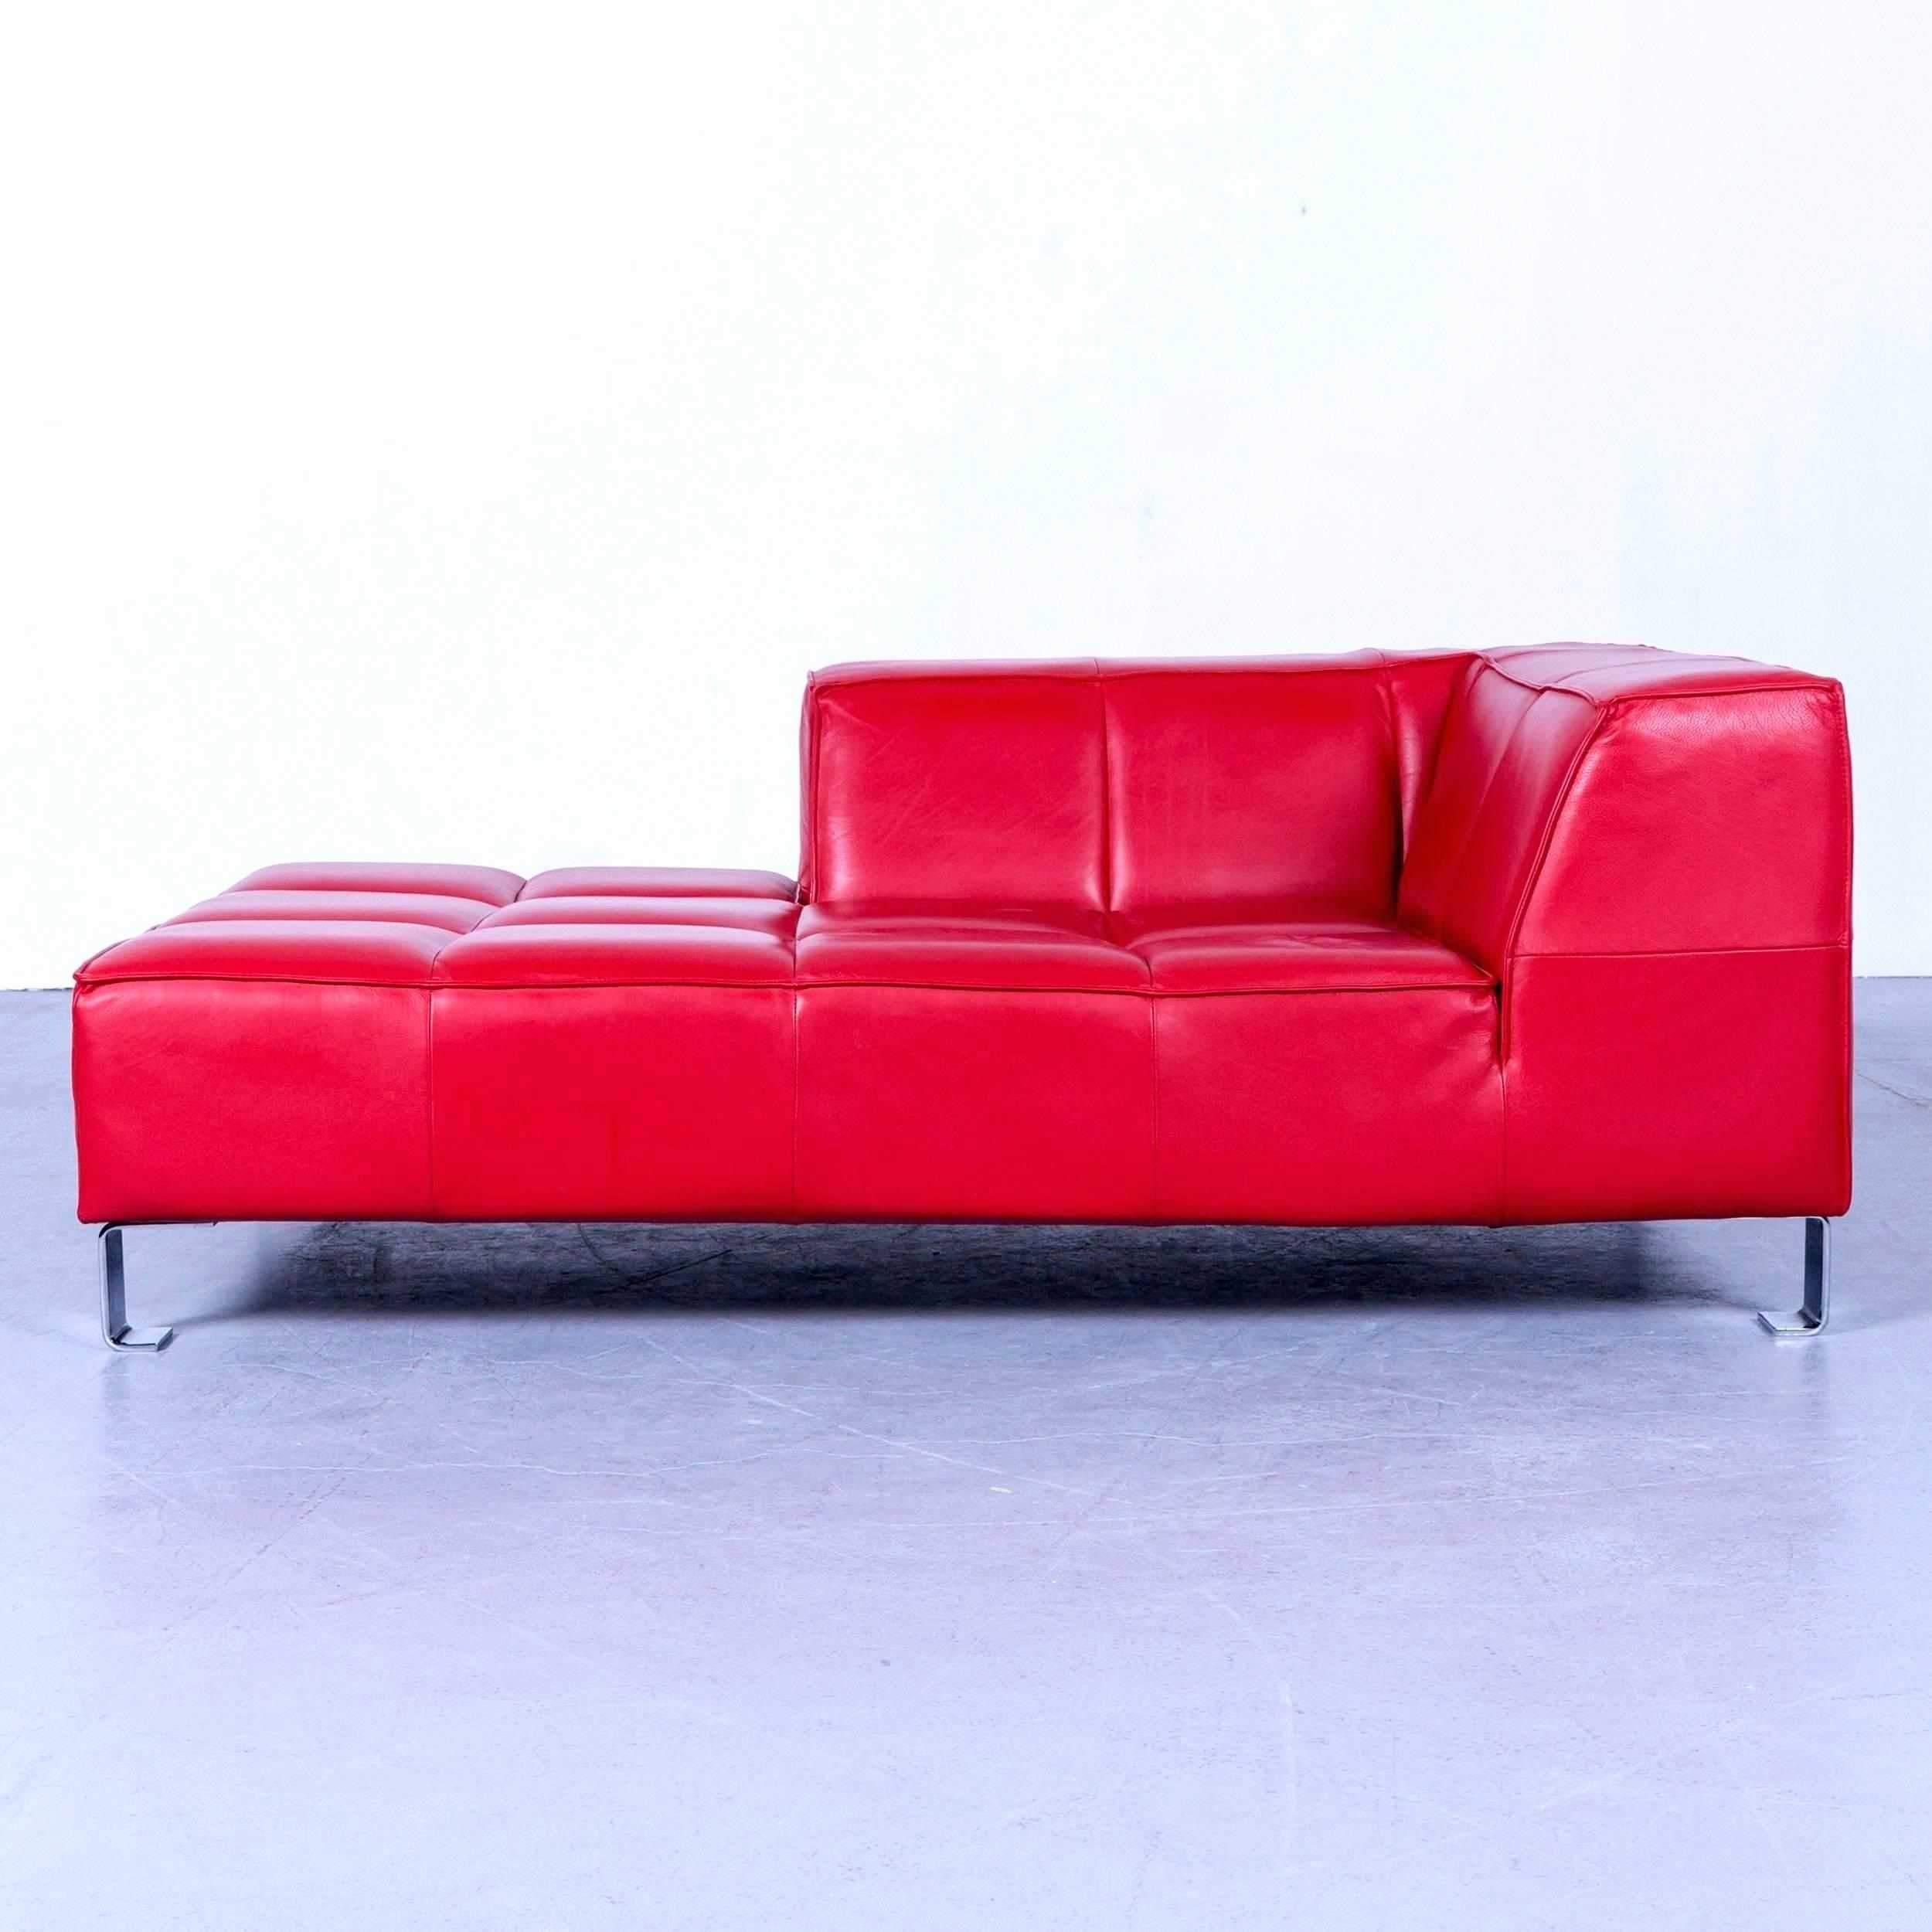 Full Size of Ikea Sofa Mit Schlaffunktion 39 Das Beste Von Relaxliege Wohnzimmer Verstellbar Elegant Bett Matratze Und Lattenrost Ausziehbett Barock Günstig Kaufen Sofa Ikea Sofa Mit Schlaffunktion